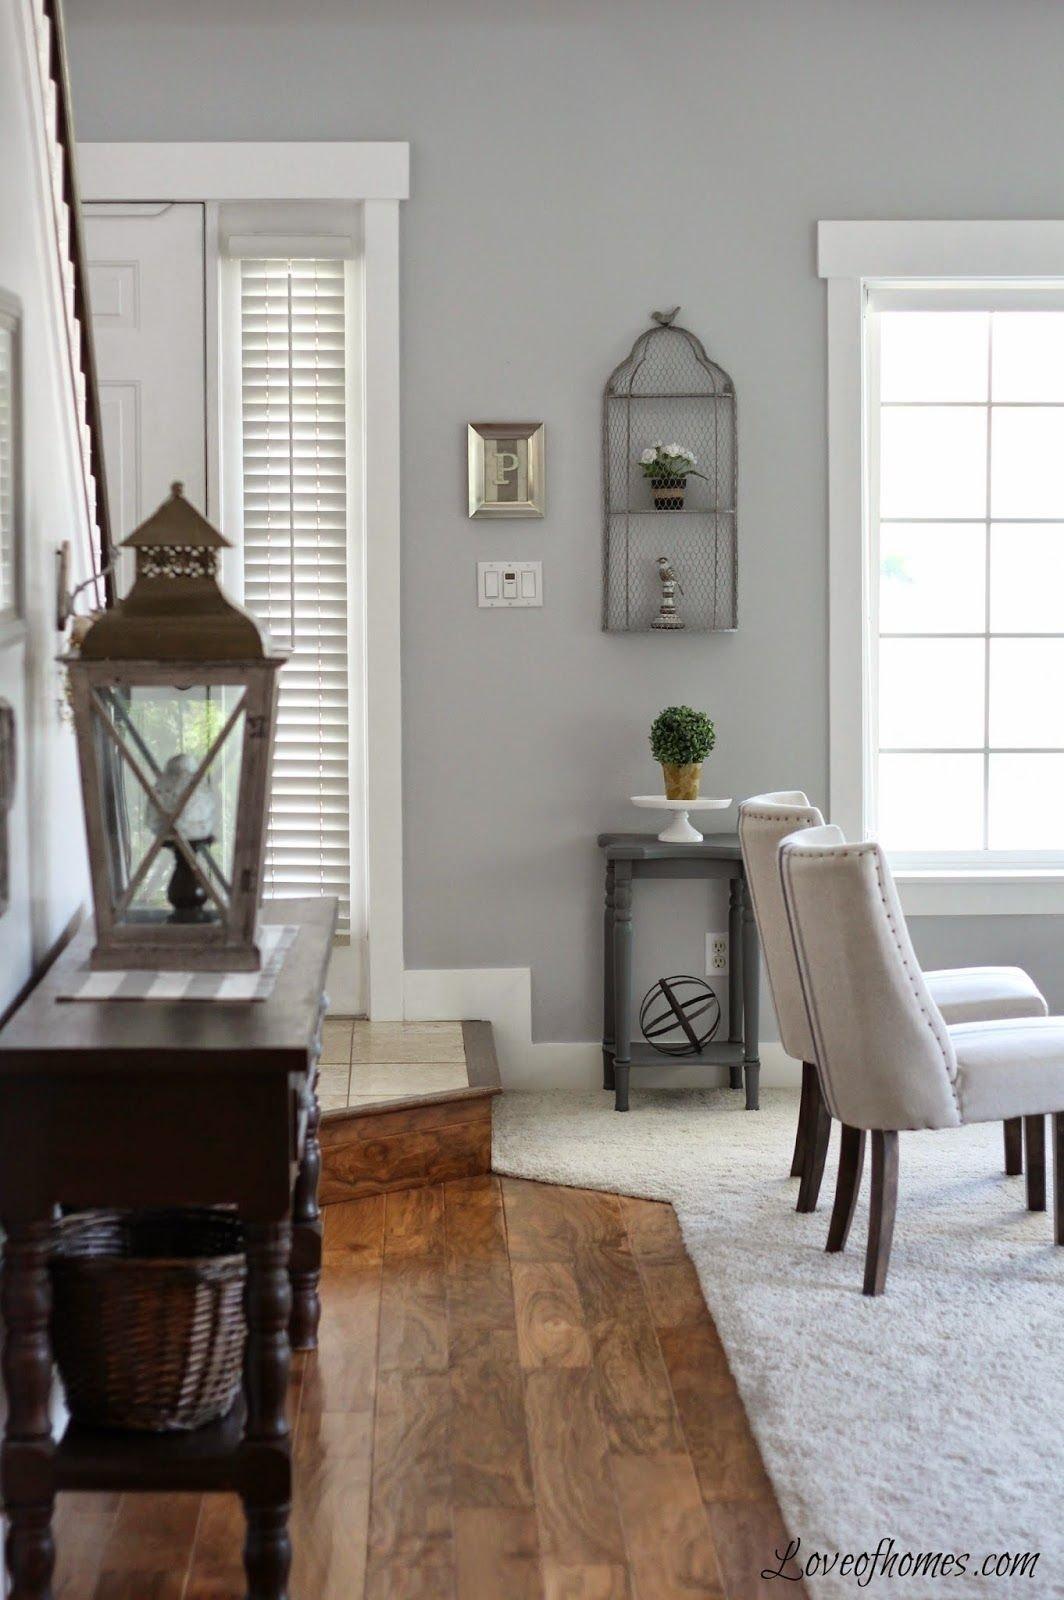 10 Lovely Living Room Paint Ideas Pictures benjamin moore pelican grey grey pinterest benjamin moore 4 2021